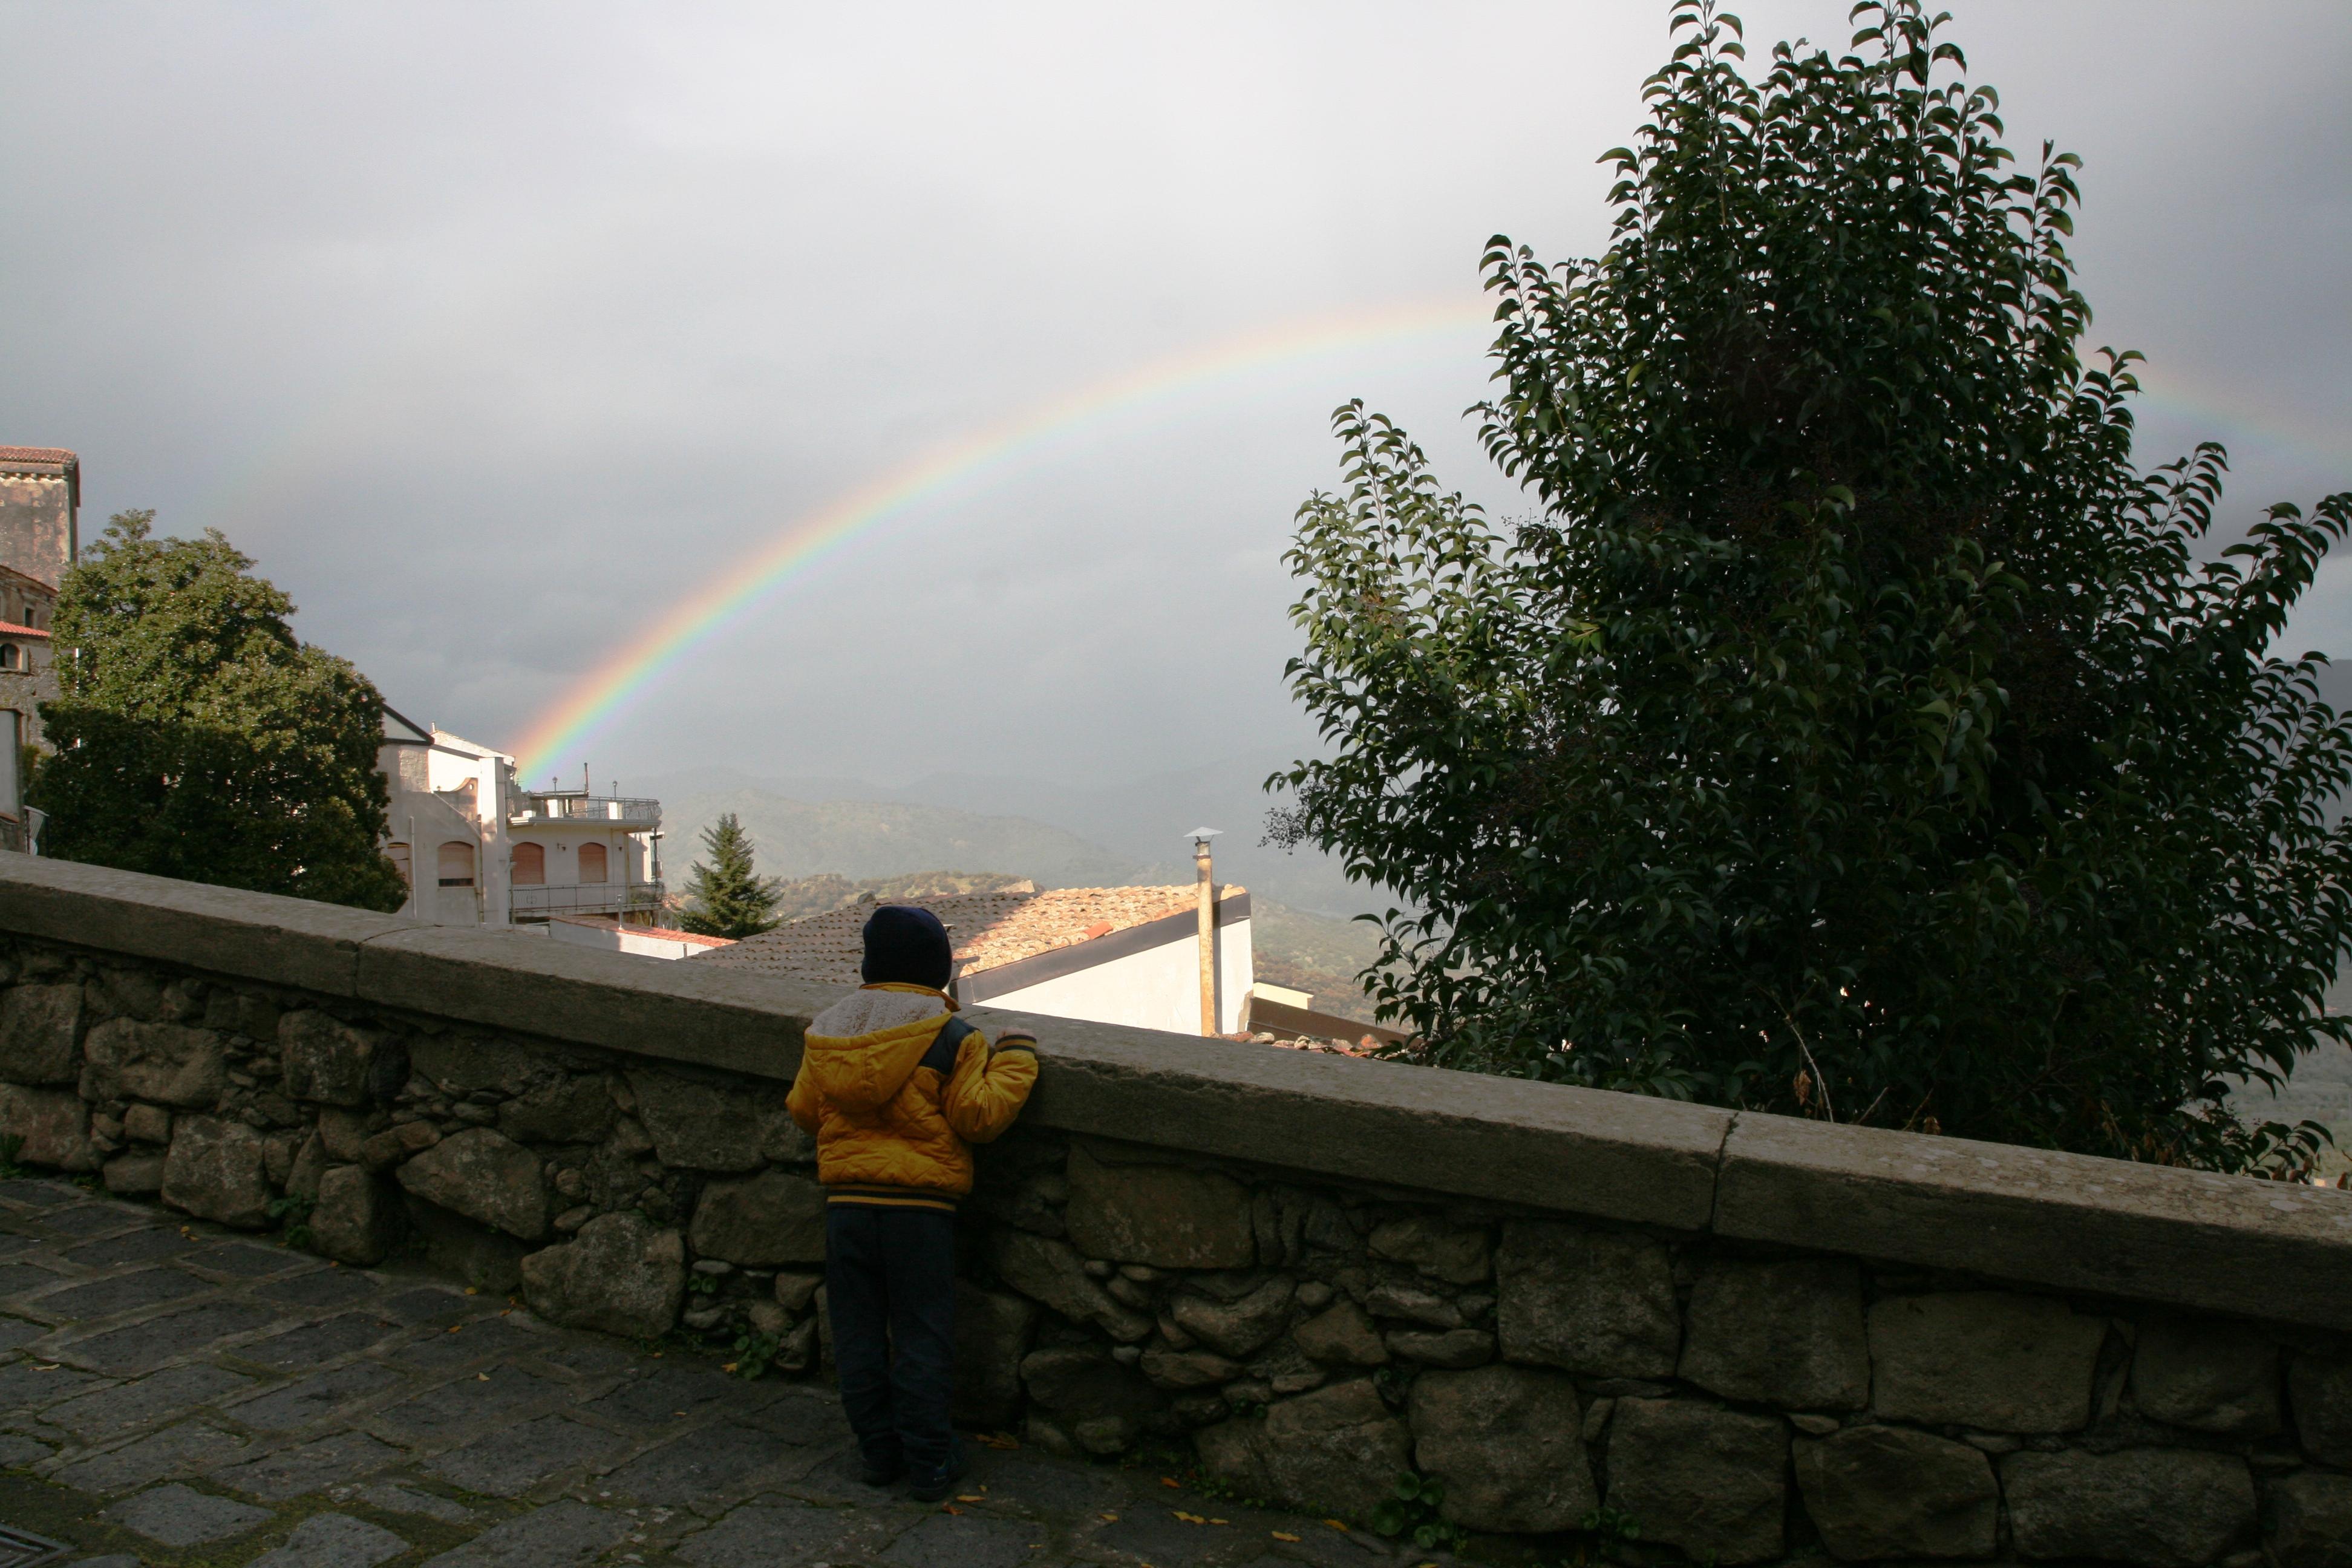 bambino che guarda l'arcobaleno a castiglione di sicilia durante un weekend